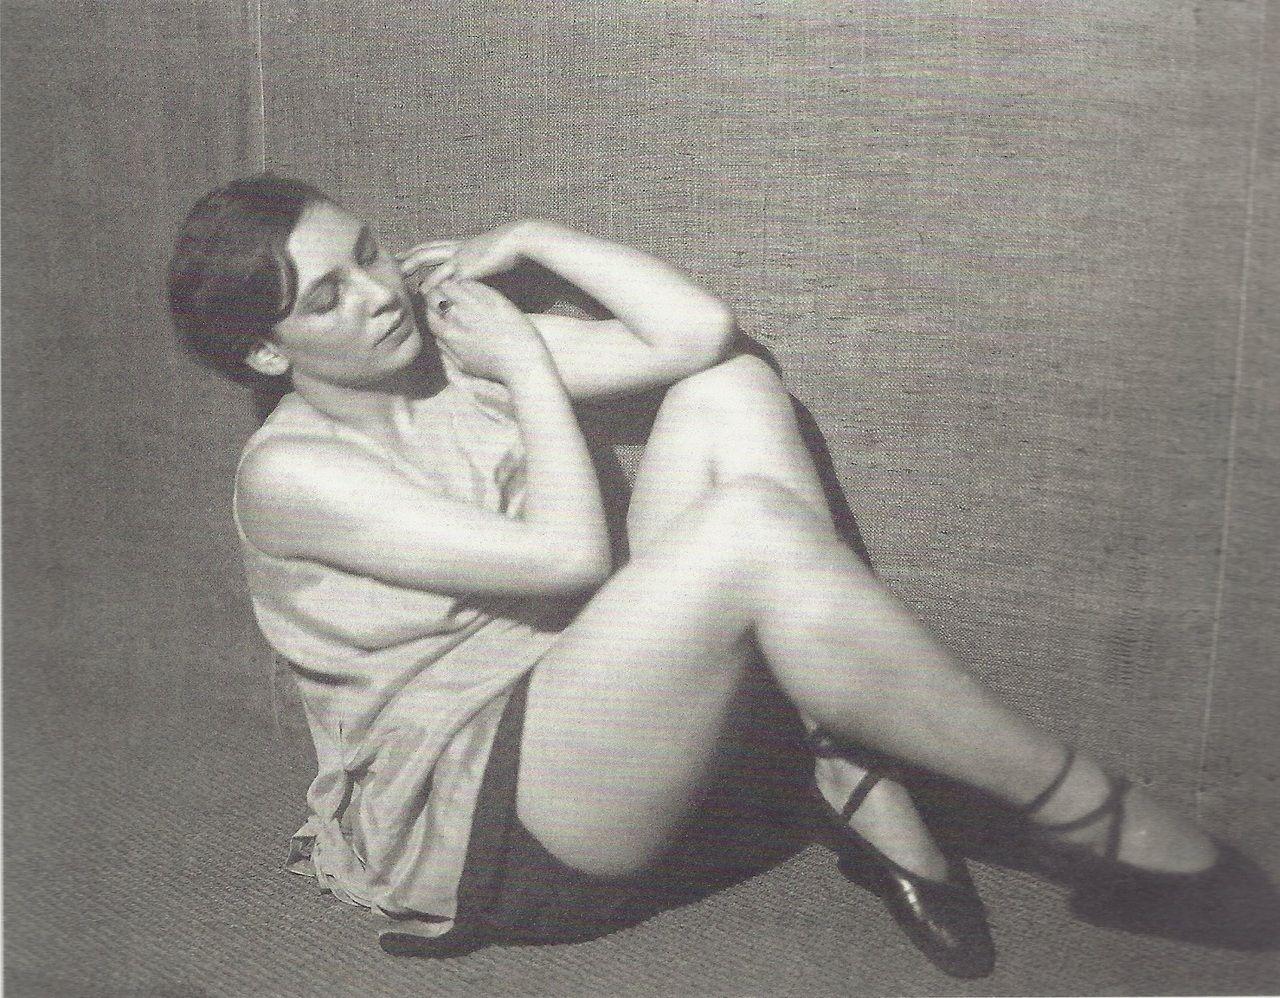 Germaine Krull - Berthe Krull, 1928